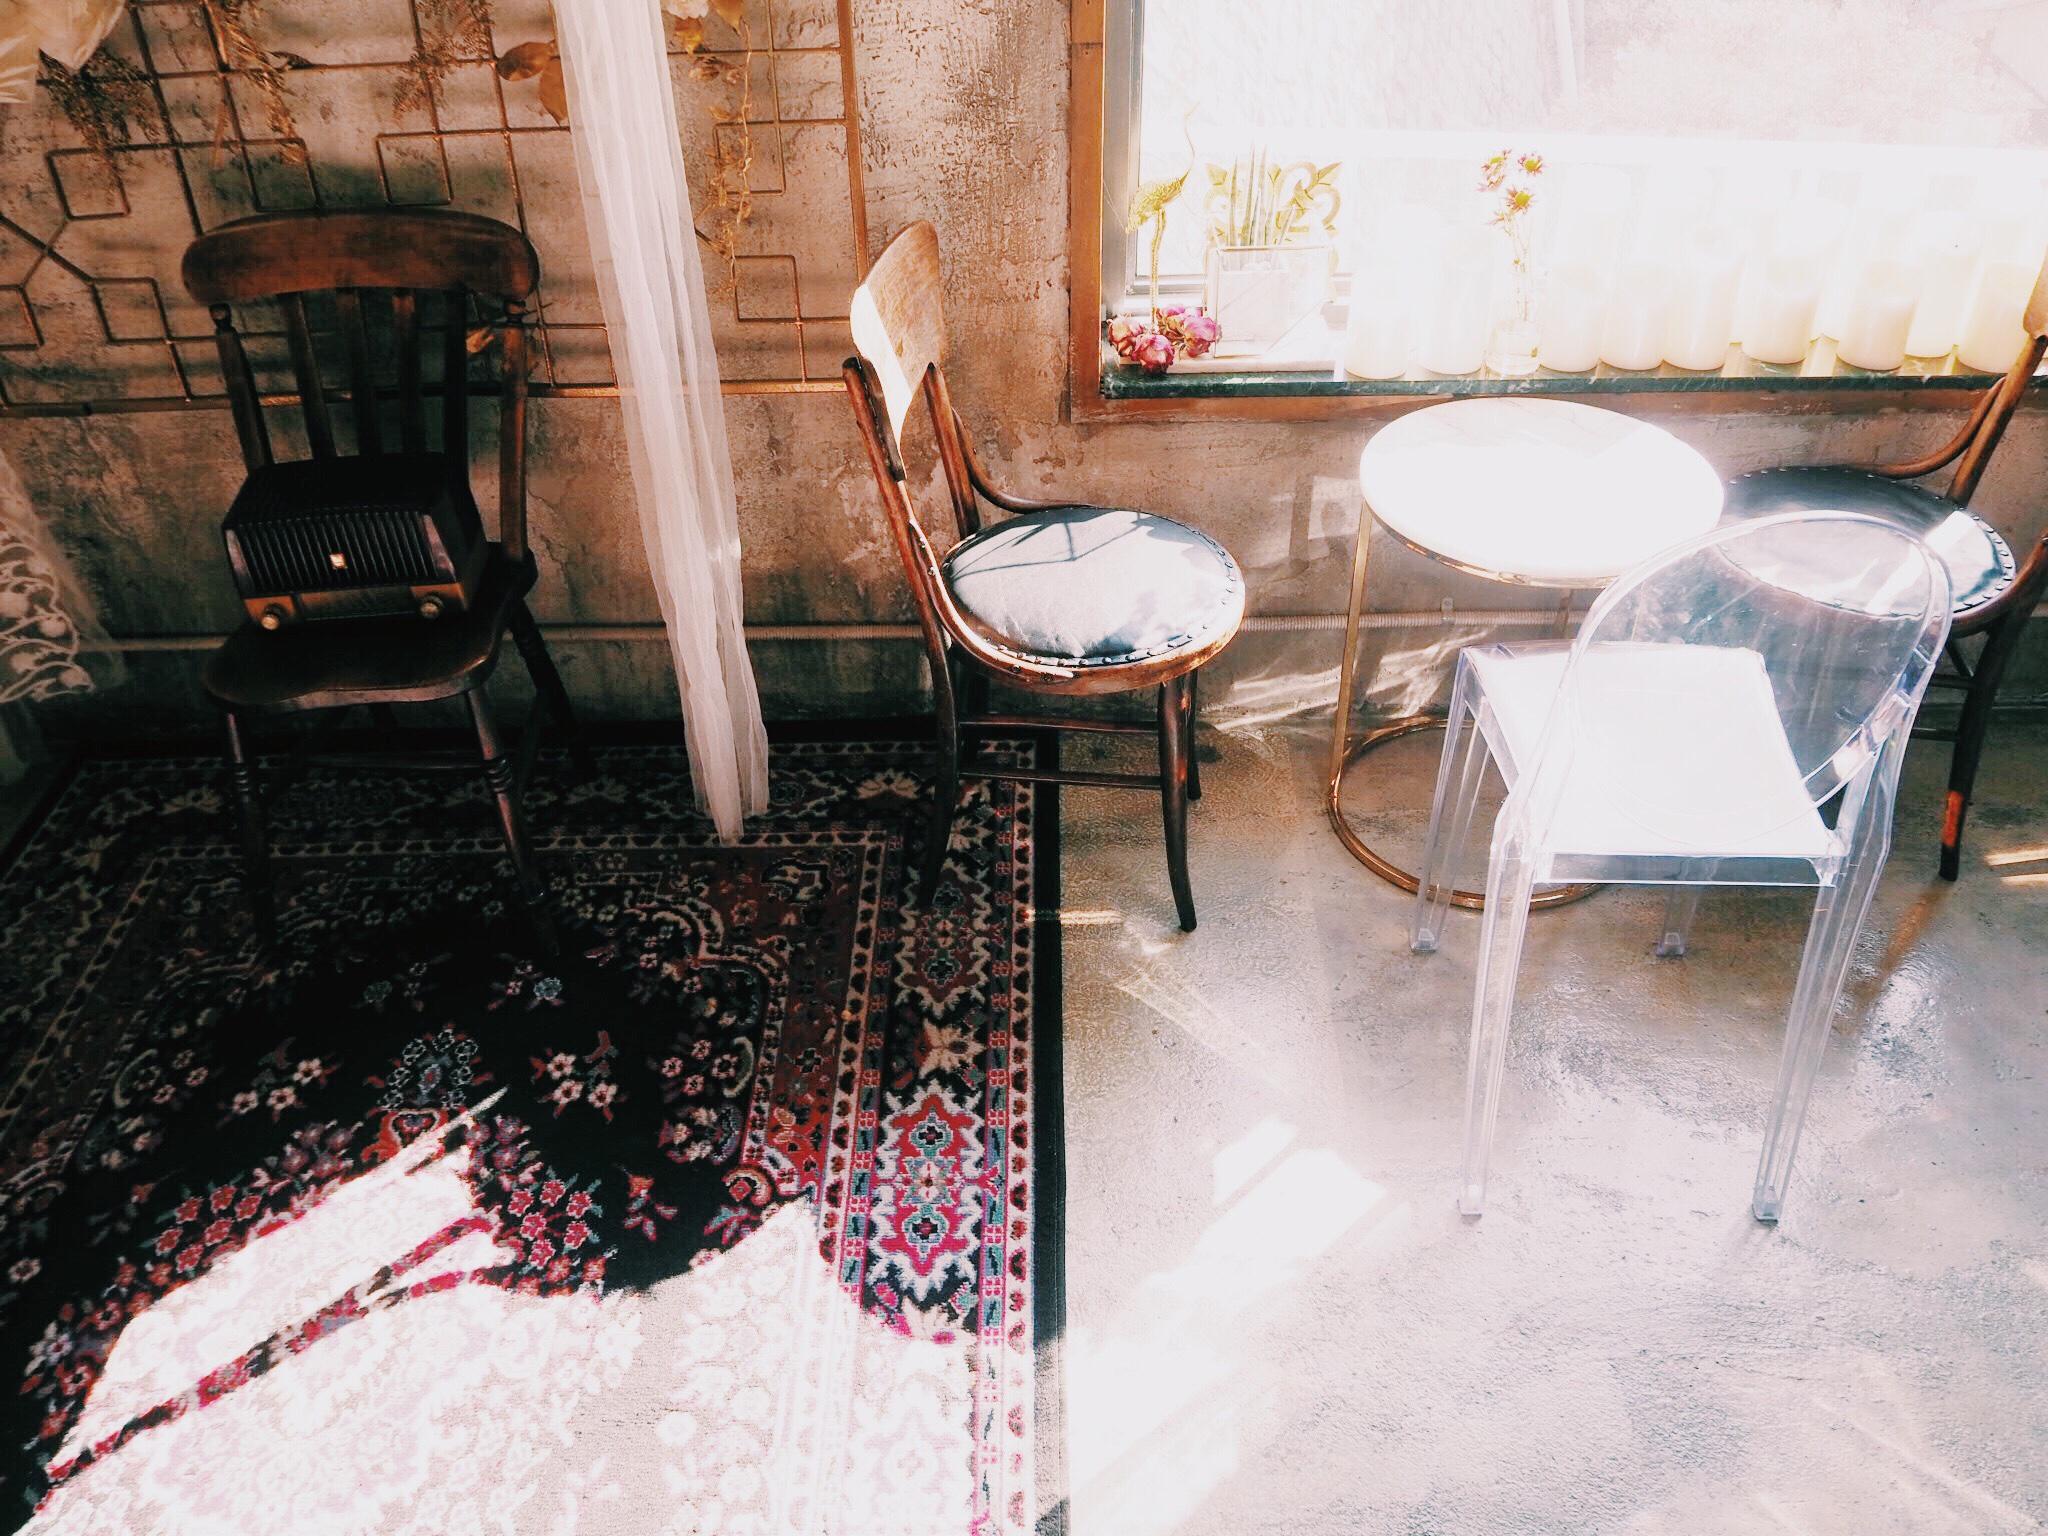 9cb70b5f 974b 4844 9bb0 d3ec5ccbf911 - GRAND MUSE - まるで隠れ家一軒家。韓国ソウルにオープンしたケーキプレートがおしゃれなカフェ